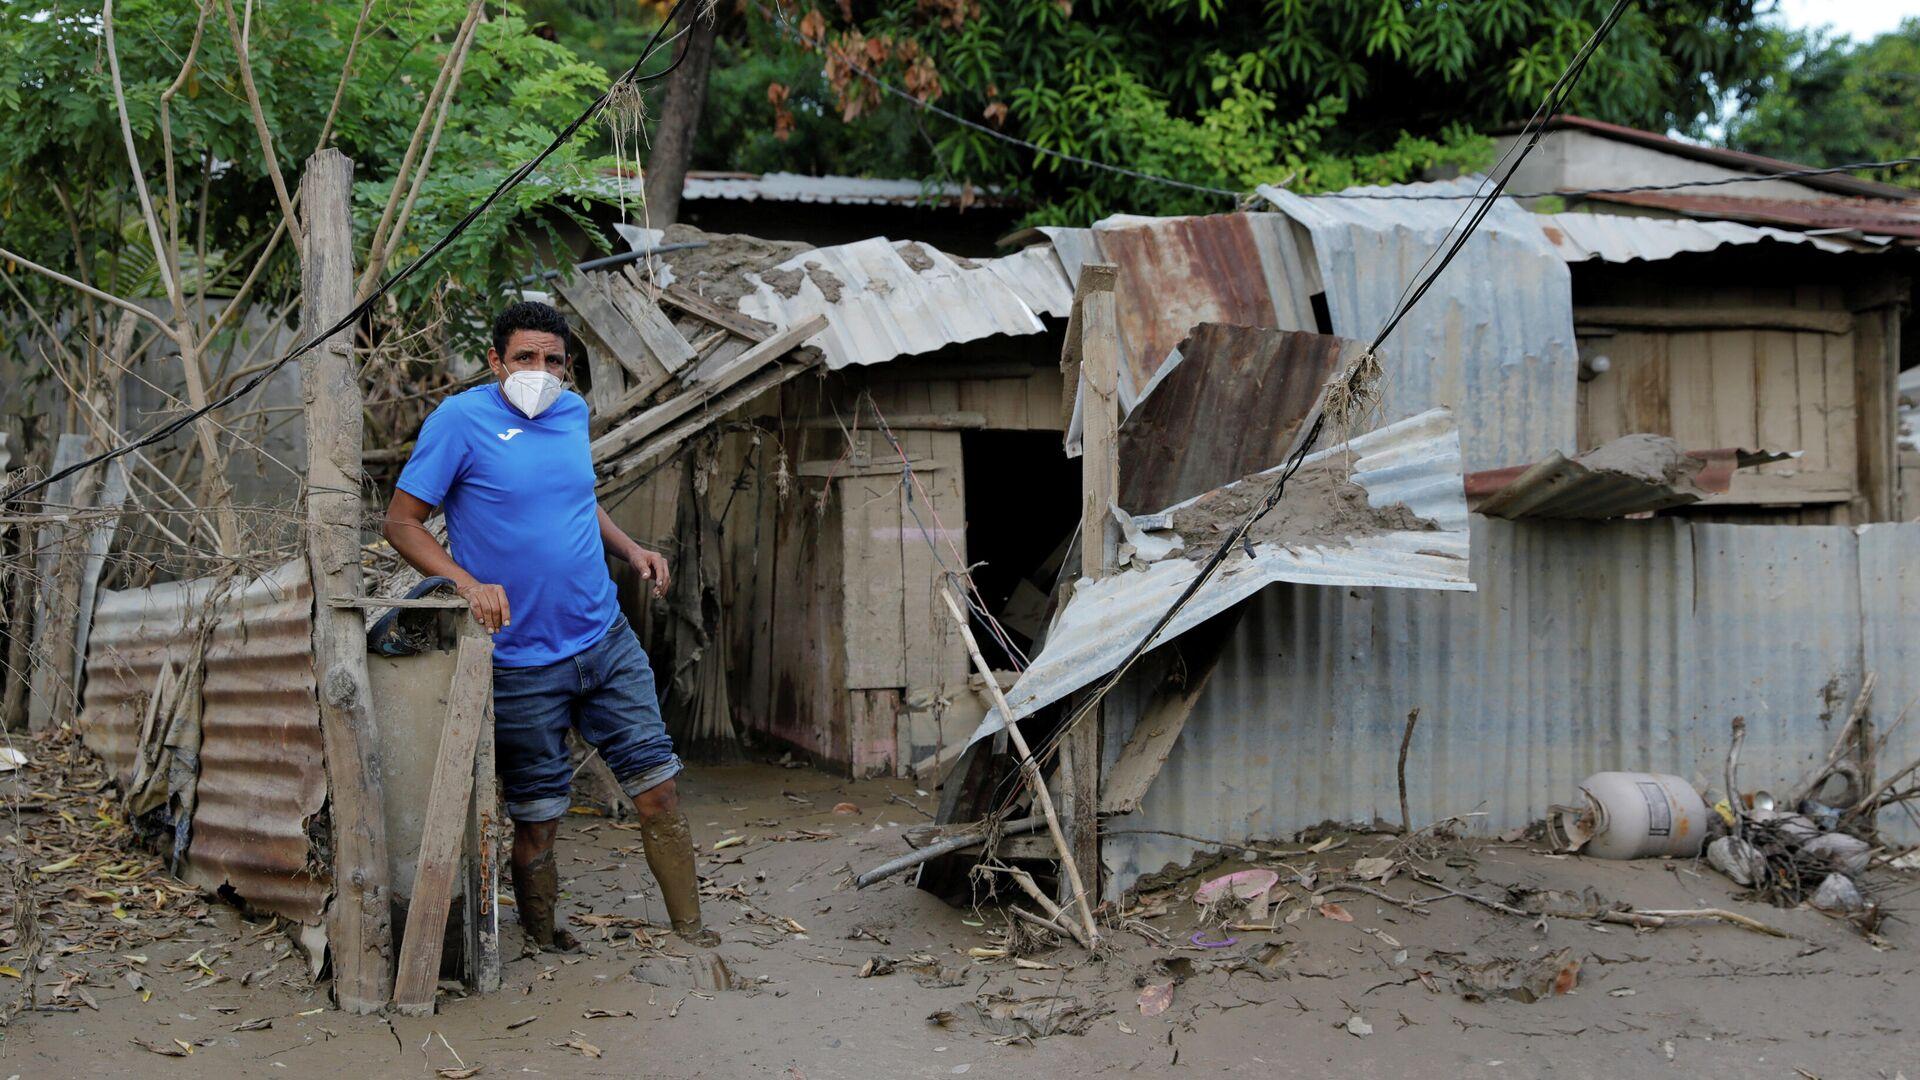 Consecuencias de las huracanes en Honduras - Sputnik Mundo, 1920, 19.02.2021